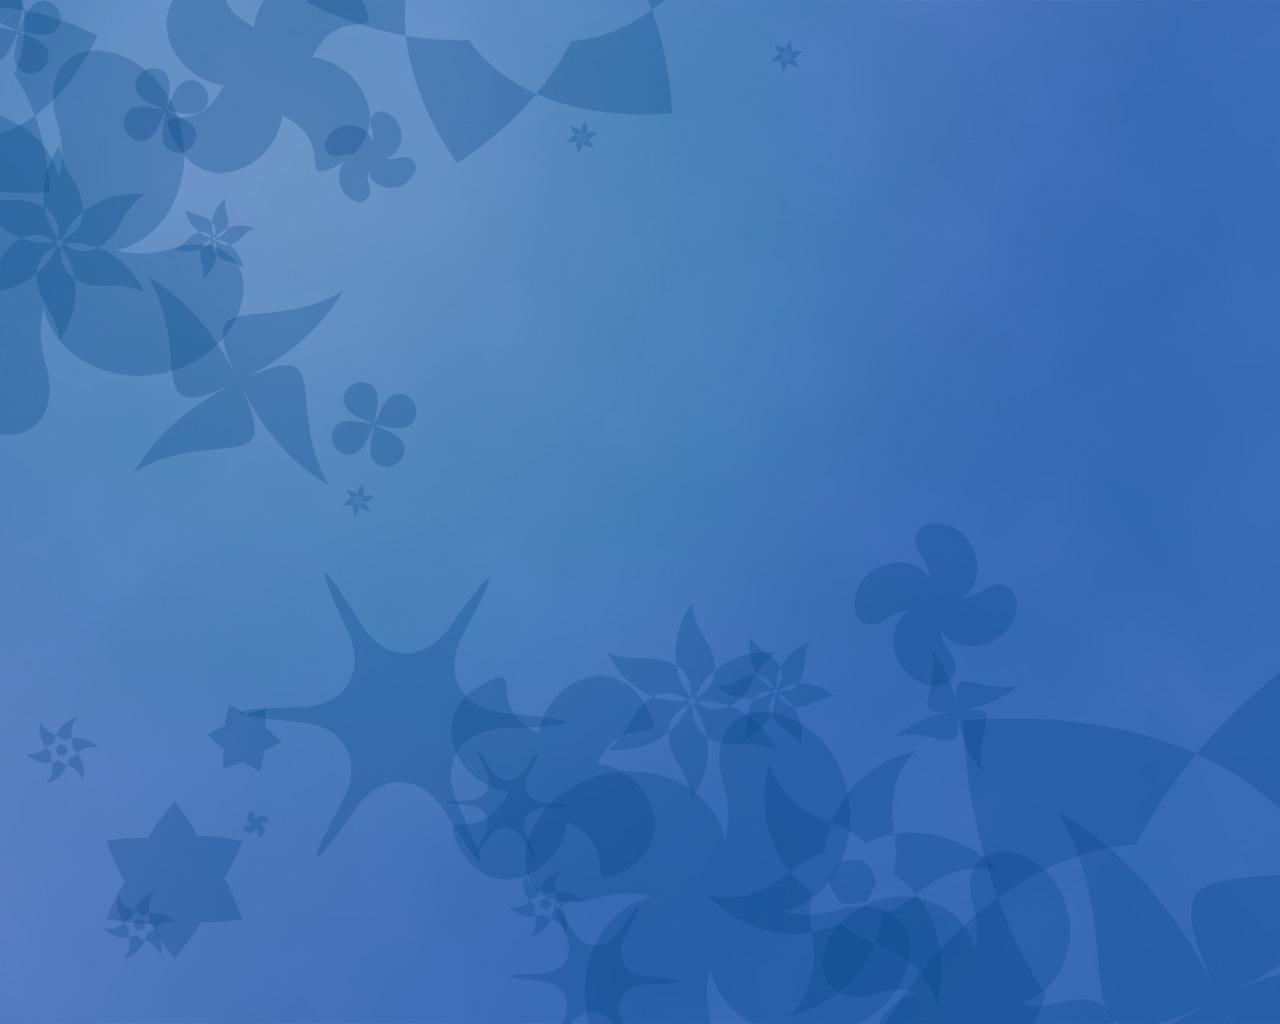 http://3.bp.blogspot.com/-Tjz6XTpk8Cw/Ty5ykyXU2JI/AAAAAAAAAdU/GyRbGipdb08/s1600/1.jpg